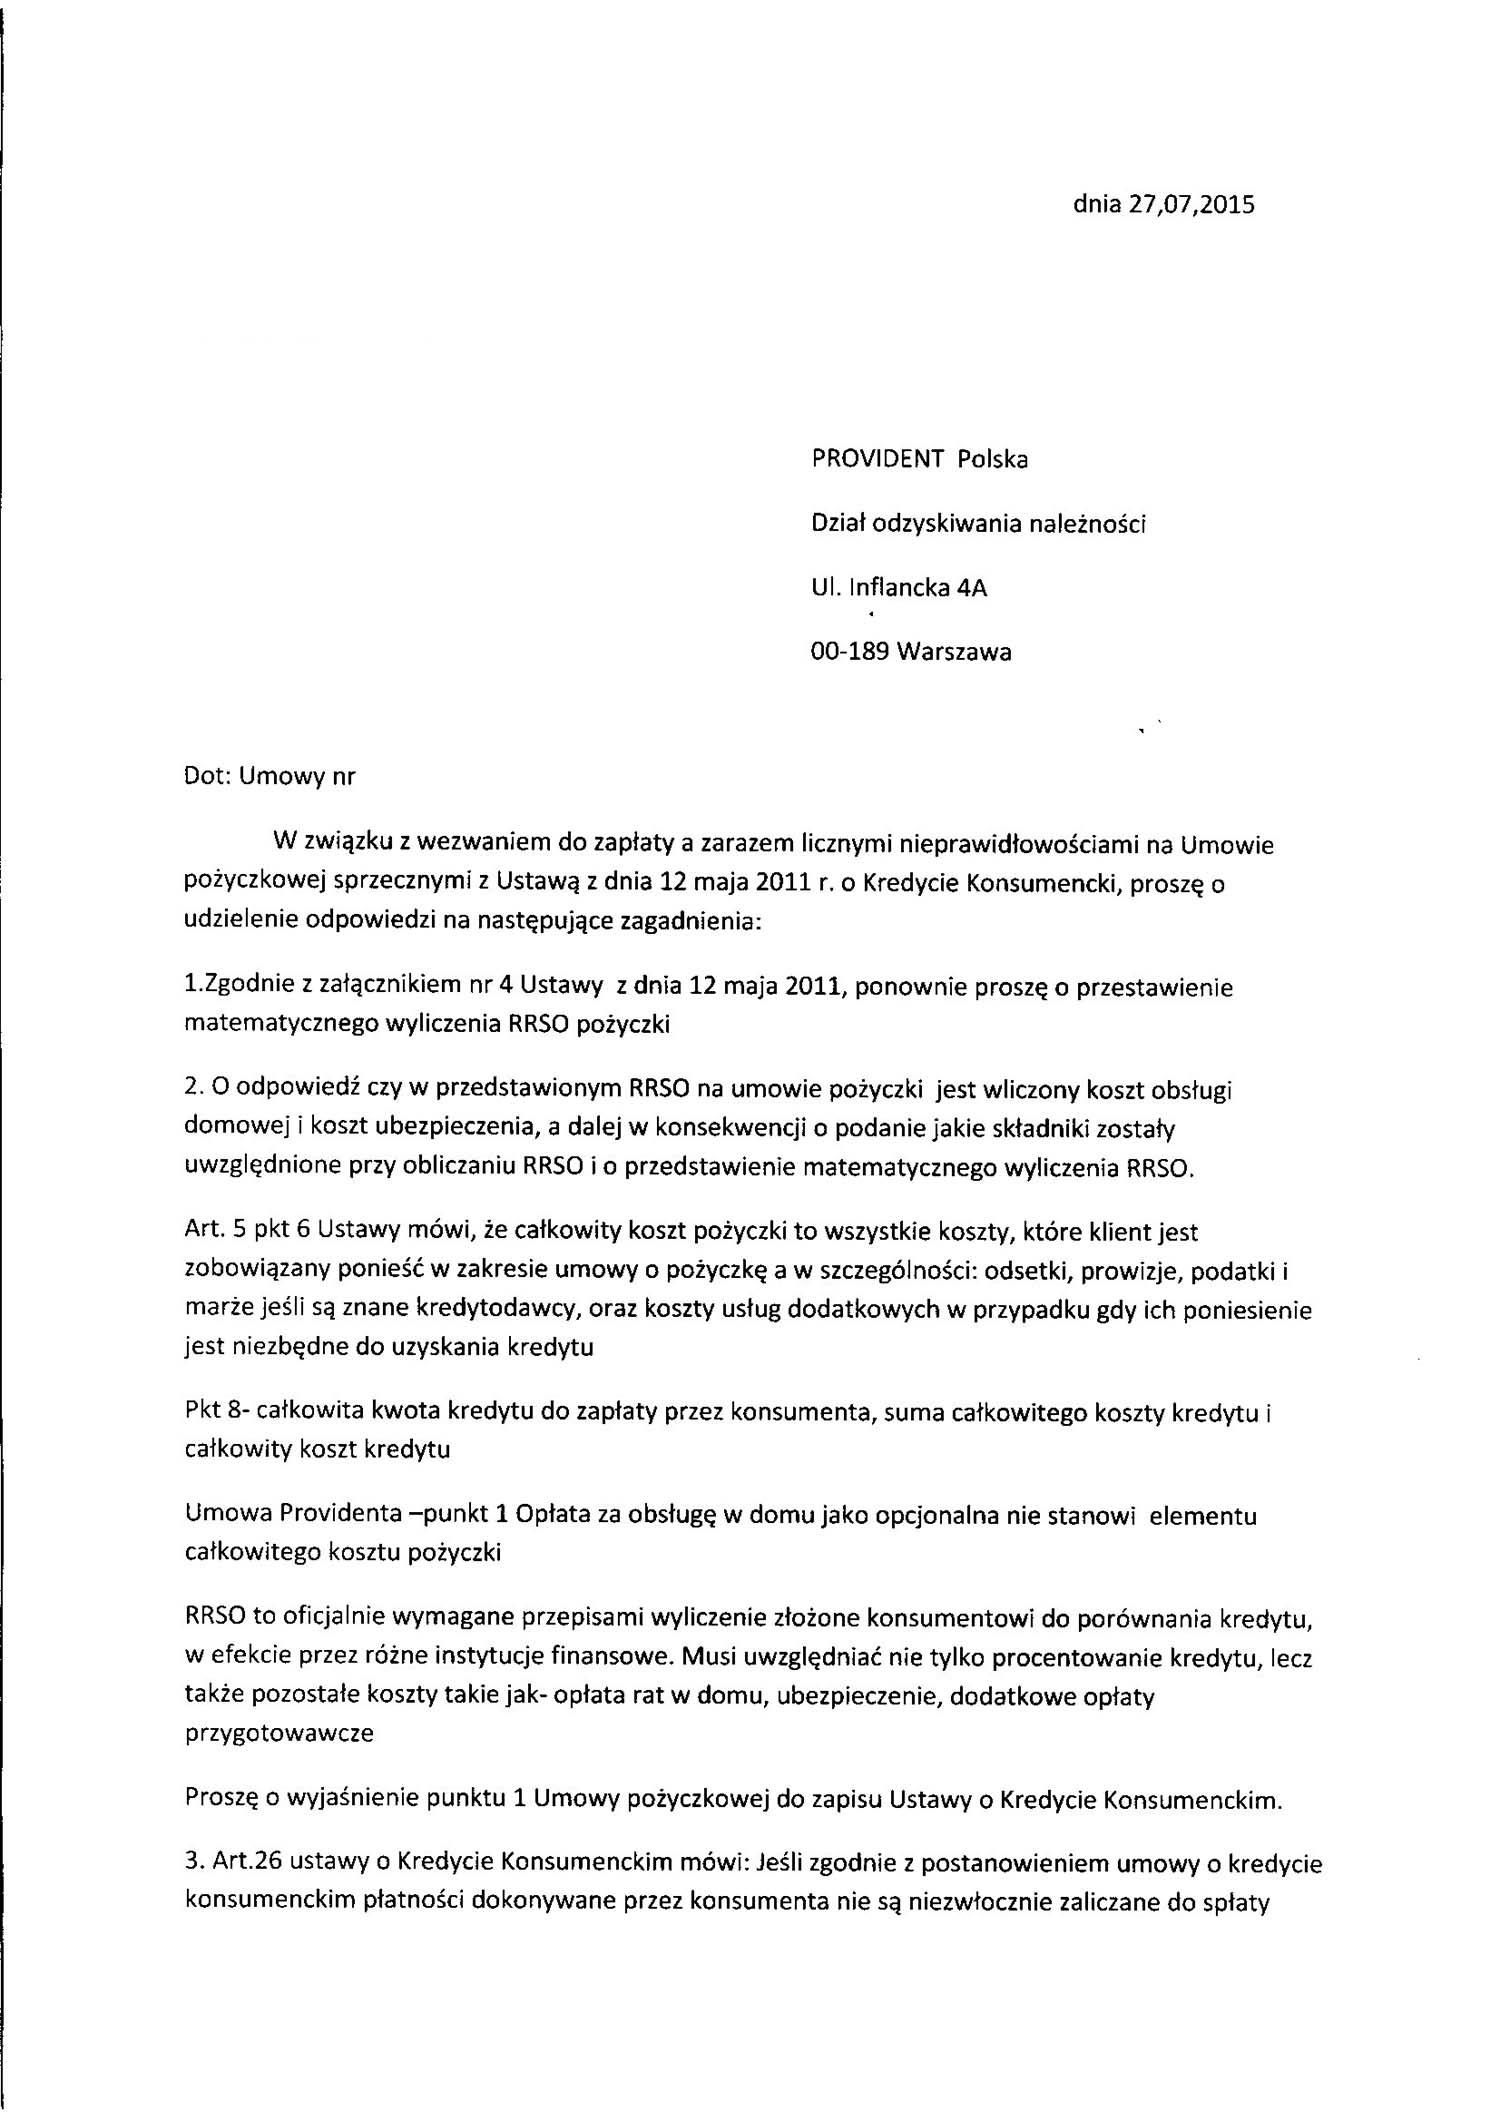 Pismo z żądaniem wyliczenia kwot z umowy